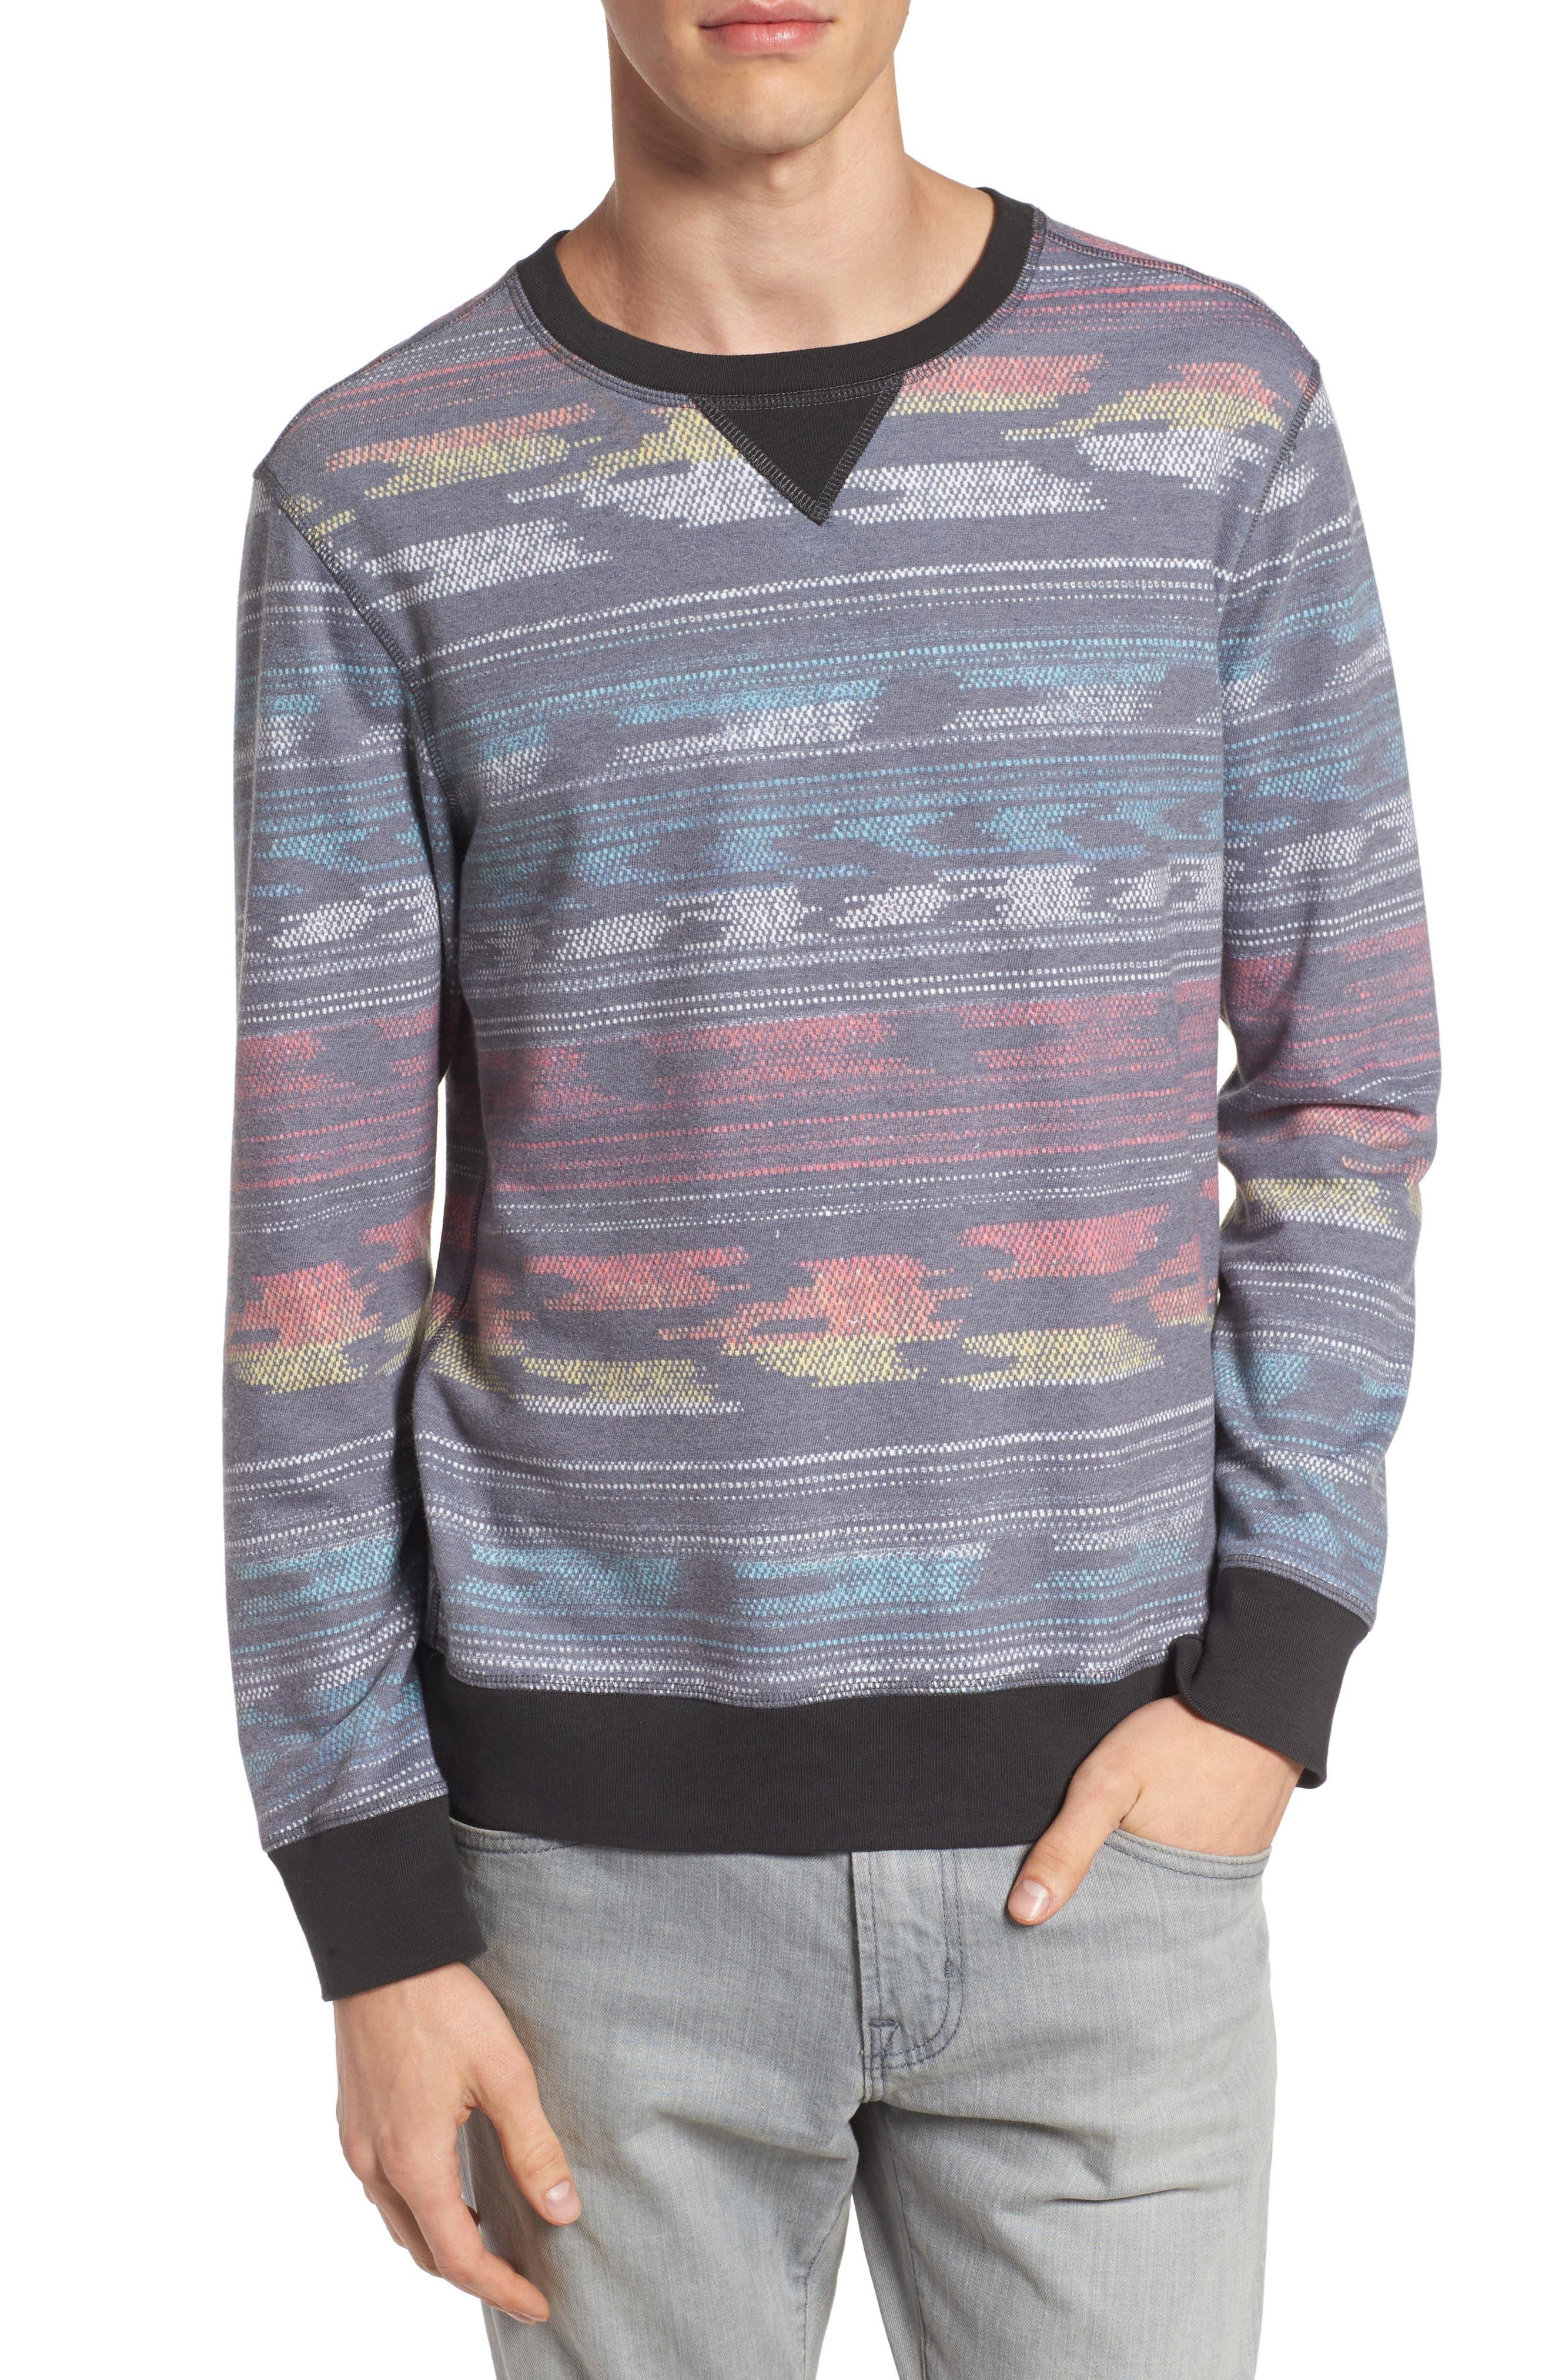 Madrugada Pullover,                         Main,                         color, 400